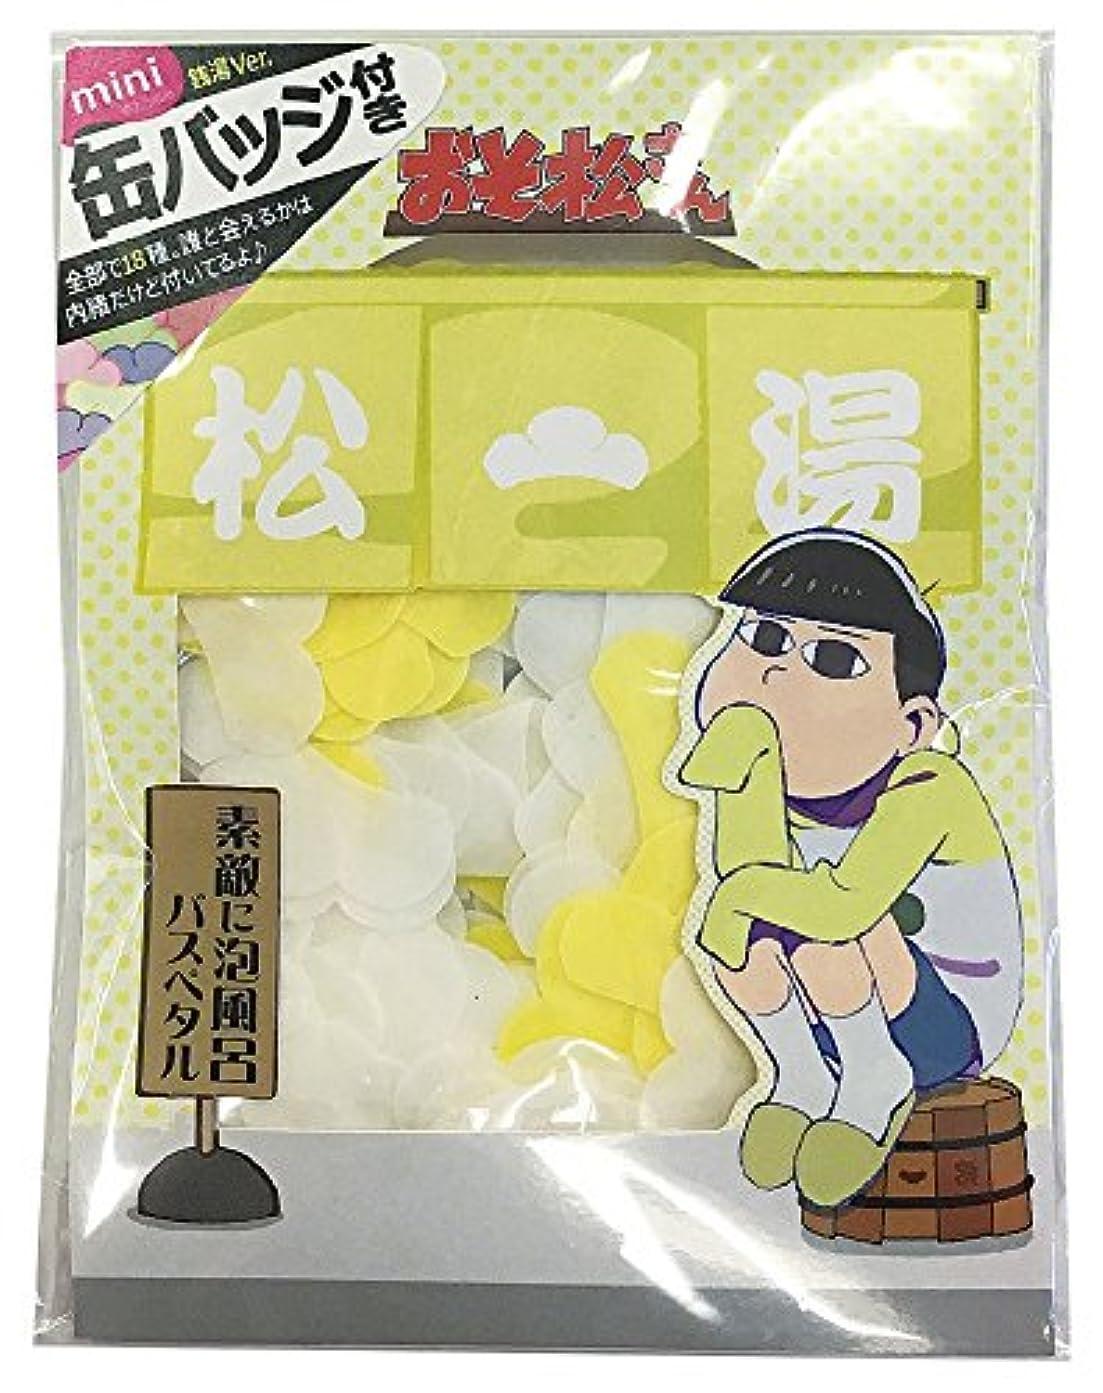 発表する秘密の無しおそ松さん 入浴剤 バスペタル 十四松 香り付き ミニ缶バッジ付き ABD-001-005